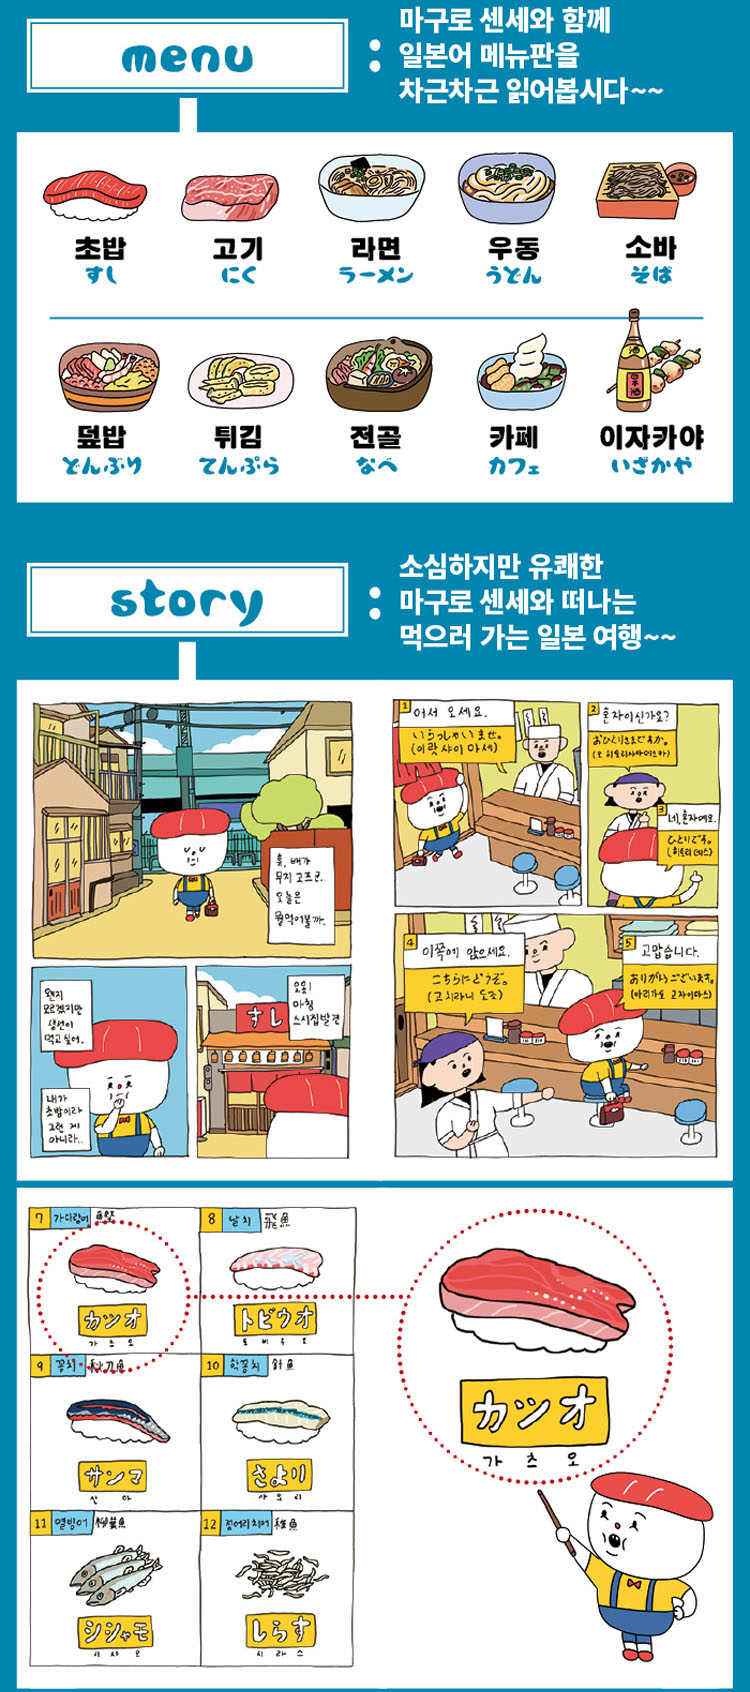 일본어 메뉴판 읽기1 마구로 센세 일본식당의 일본어 메뉴판 마스터